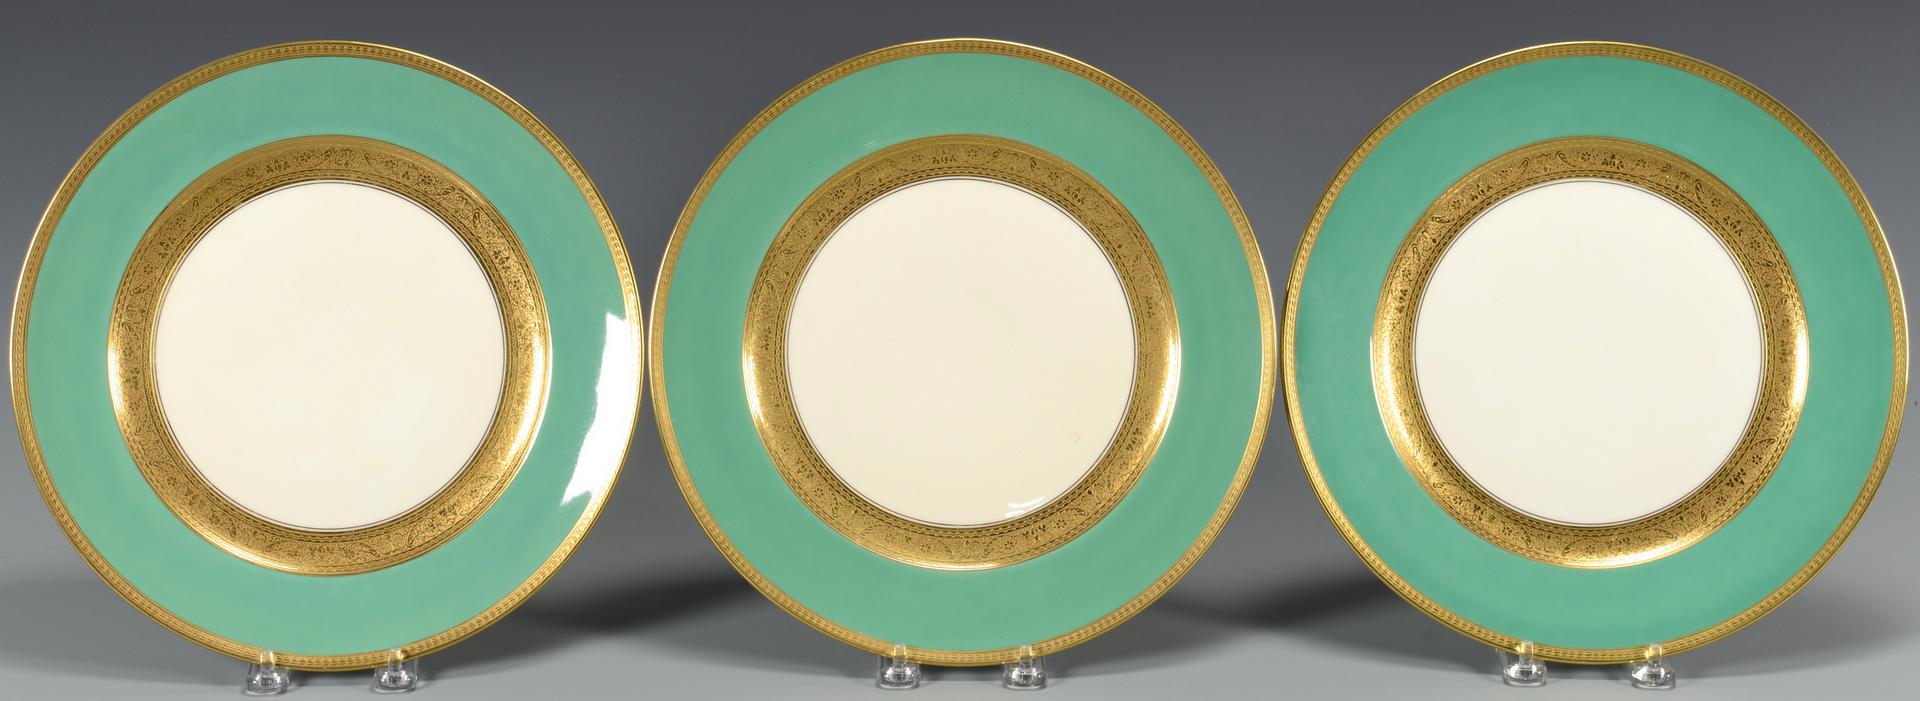 Lot 768 8 Rosenthal Green Gilt Dinner Plates